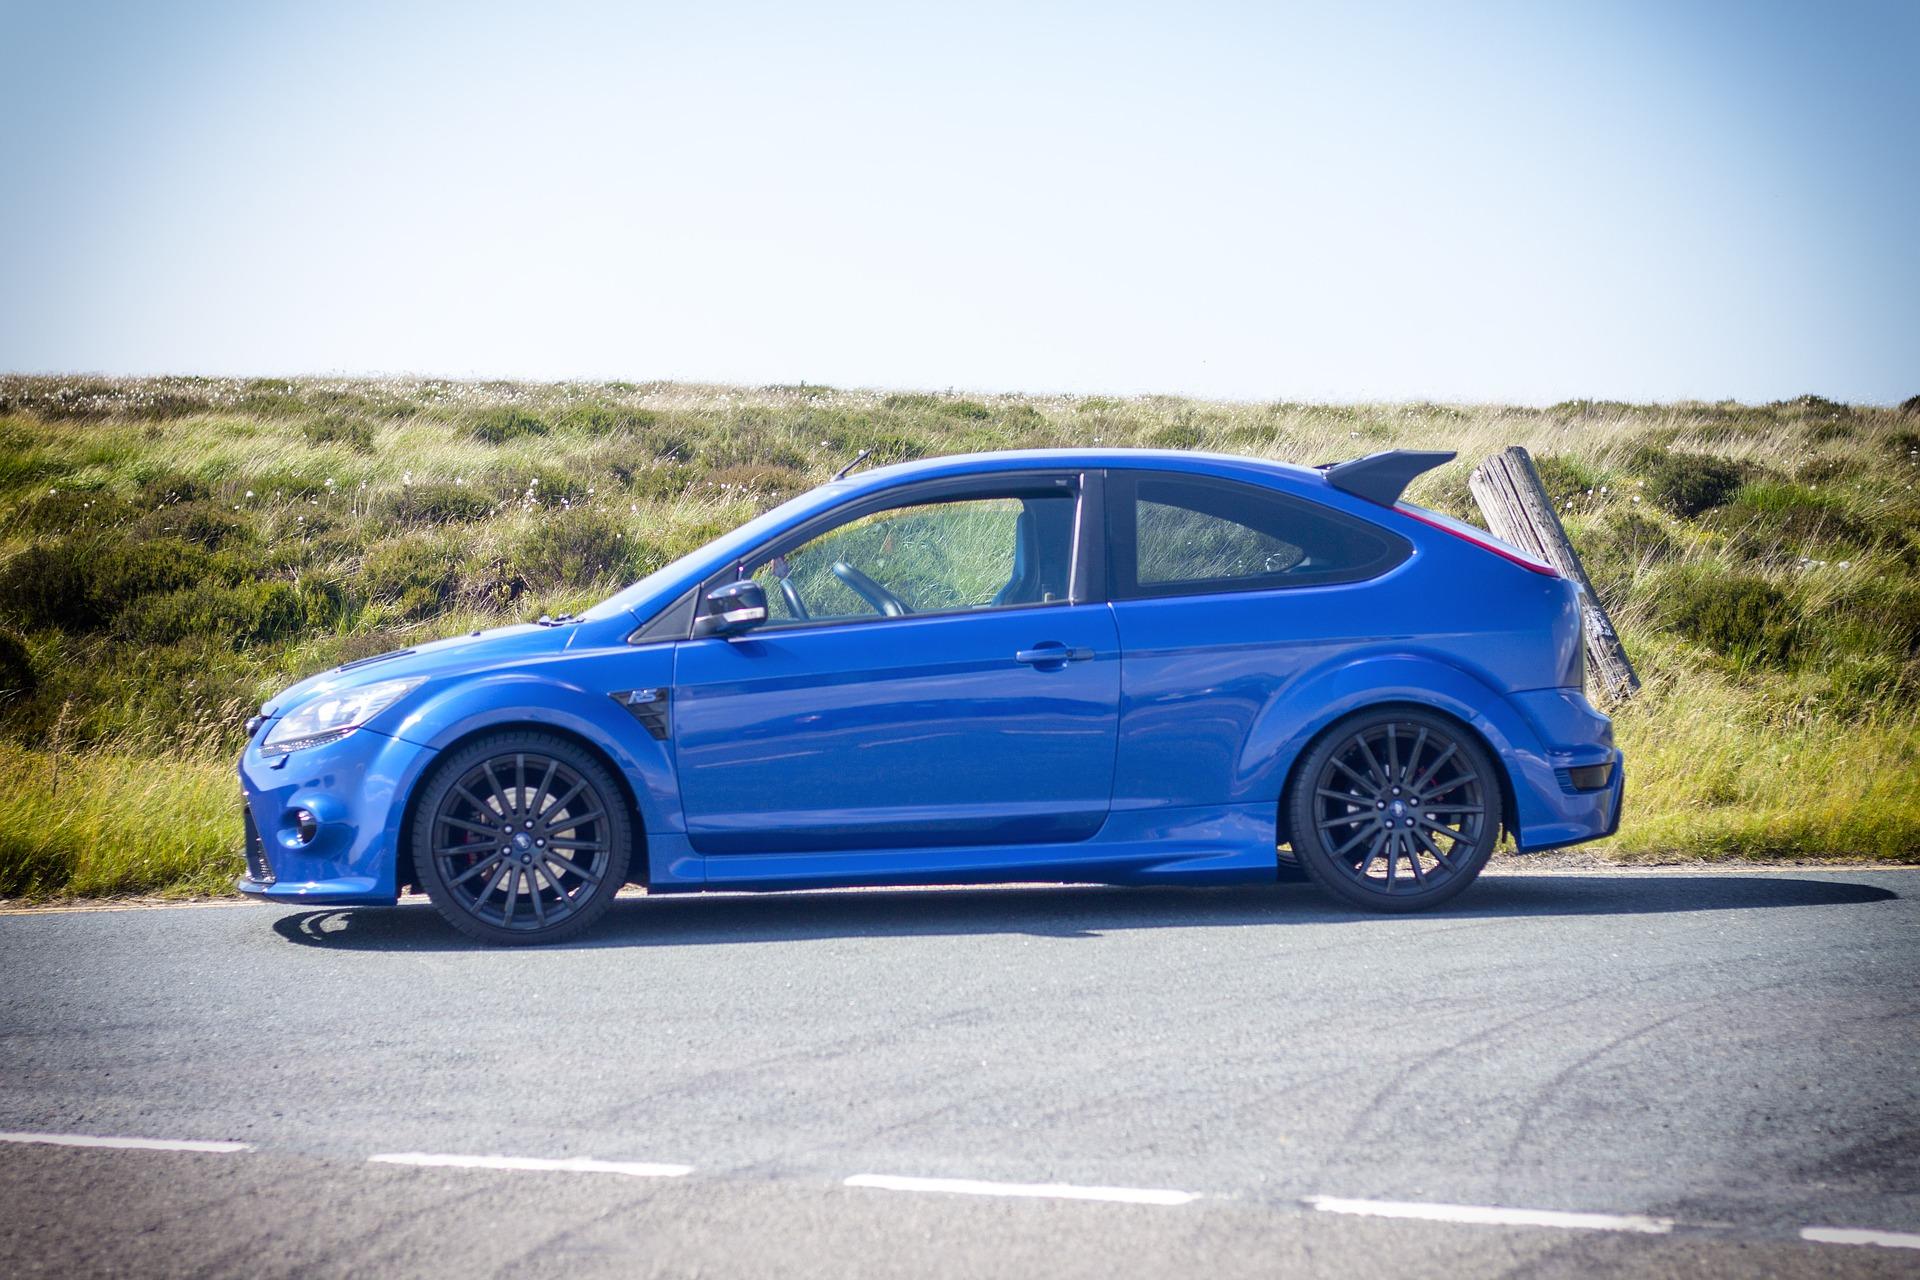 Samochód poleasingowy – czy warto go kupić?